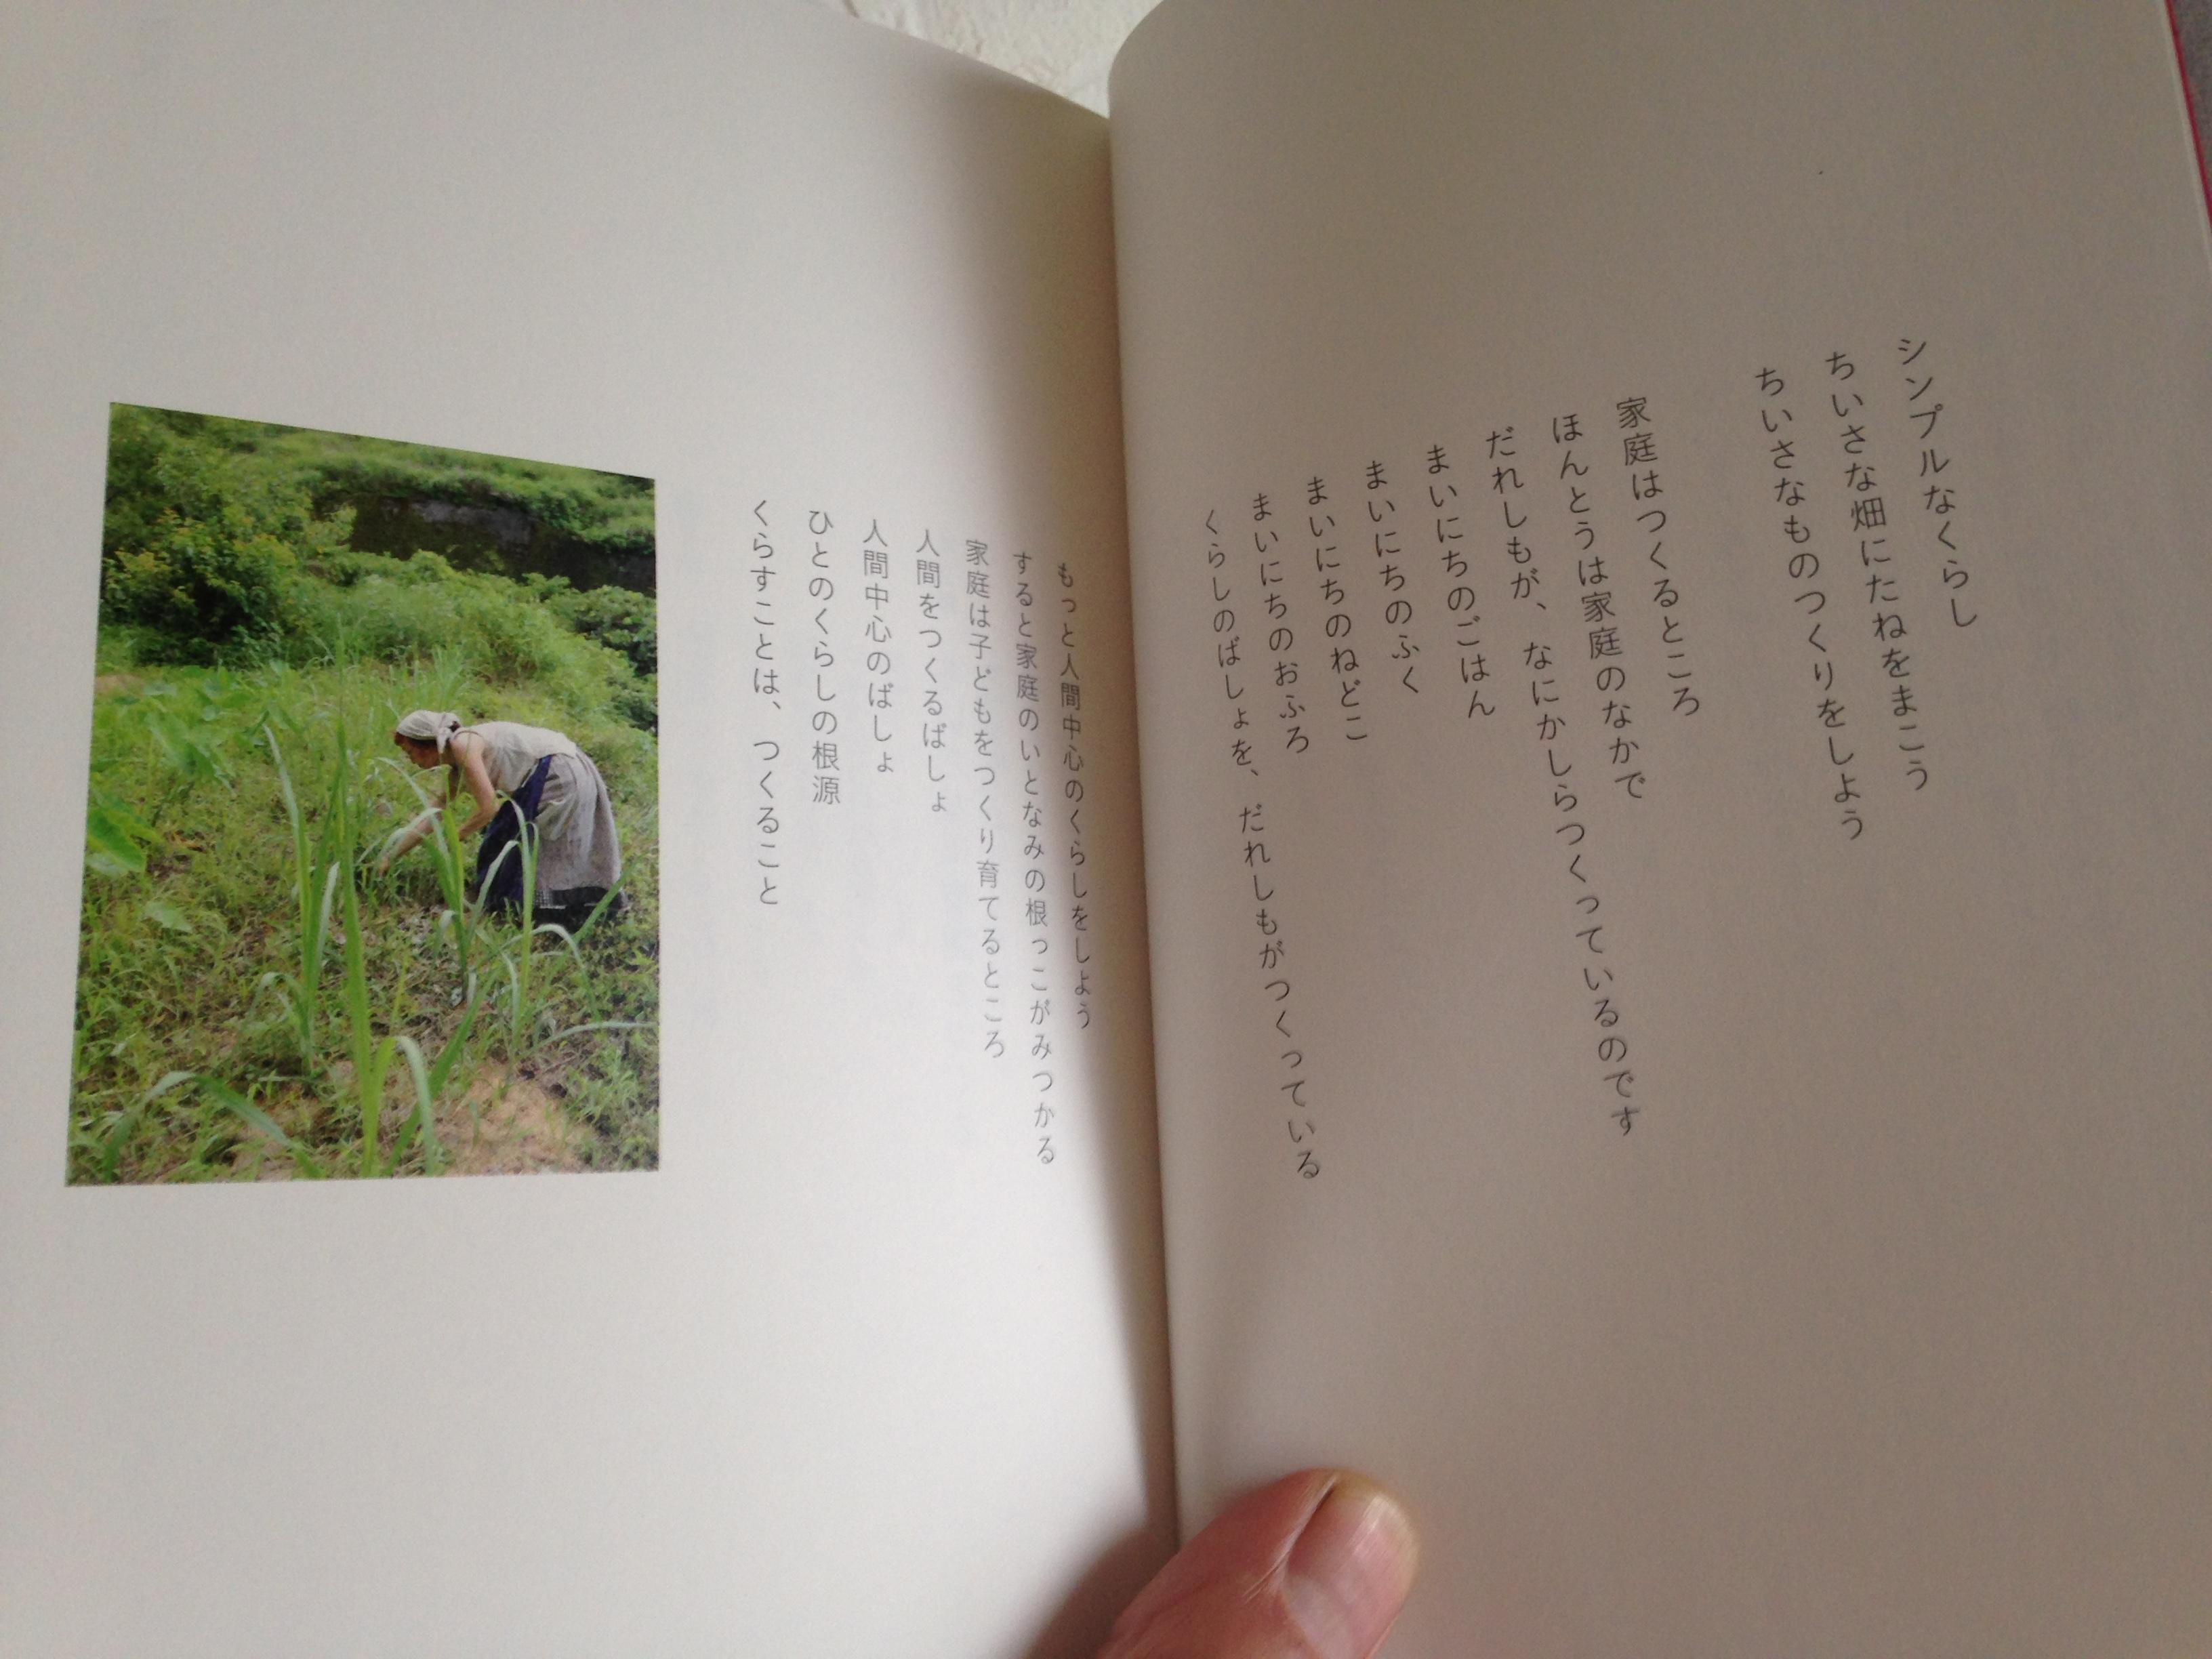 「ちいさなくらしのたねレシピ」(直筆イラスト入)早川ユミ著 - 画像5